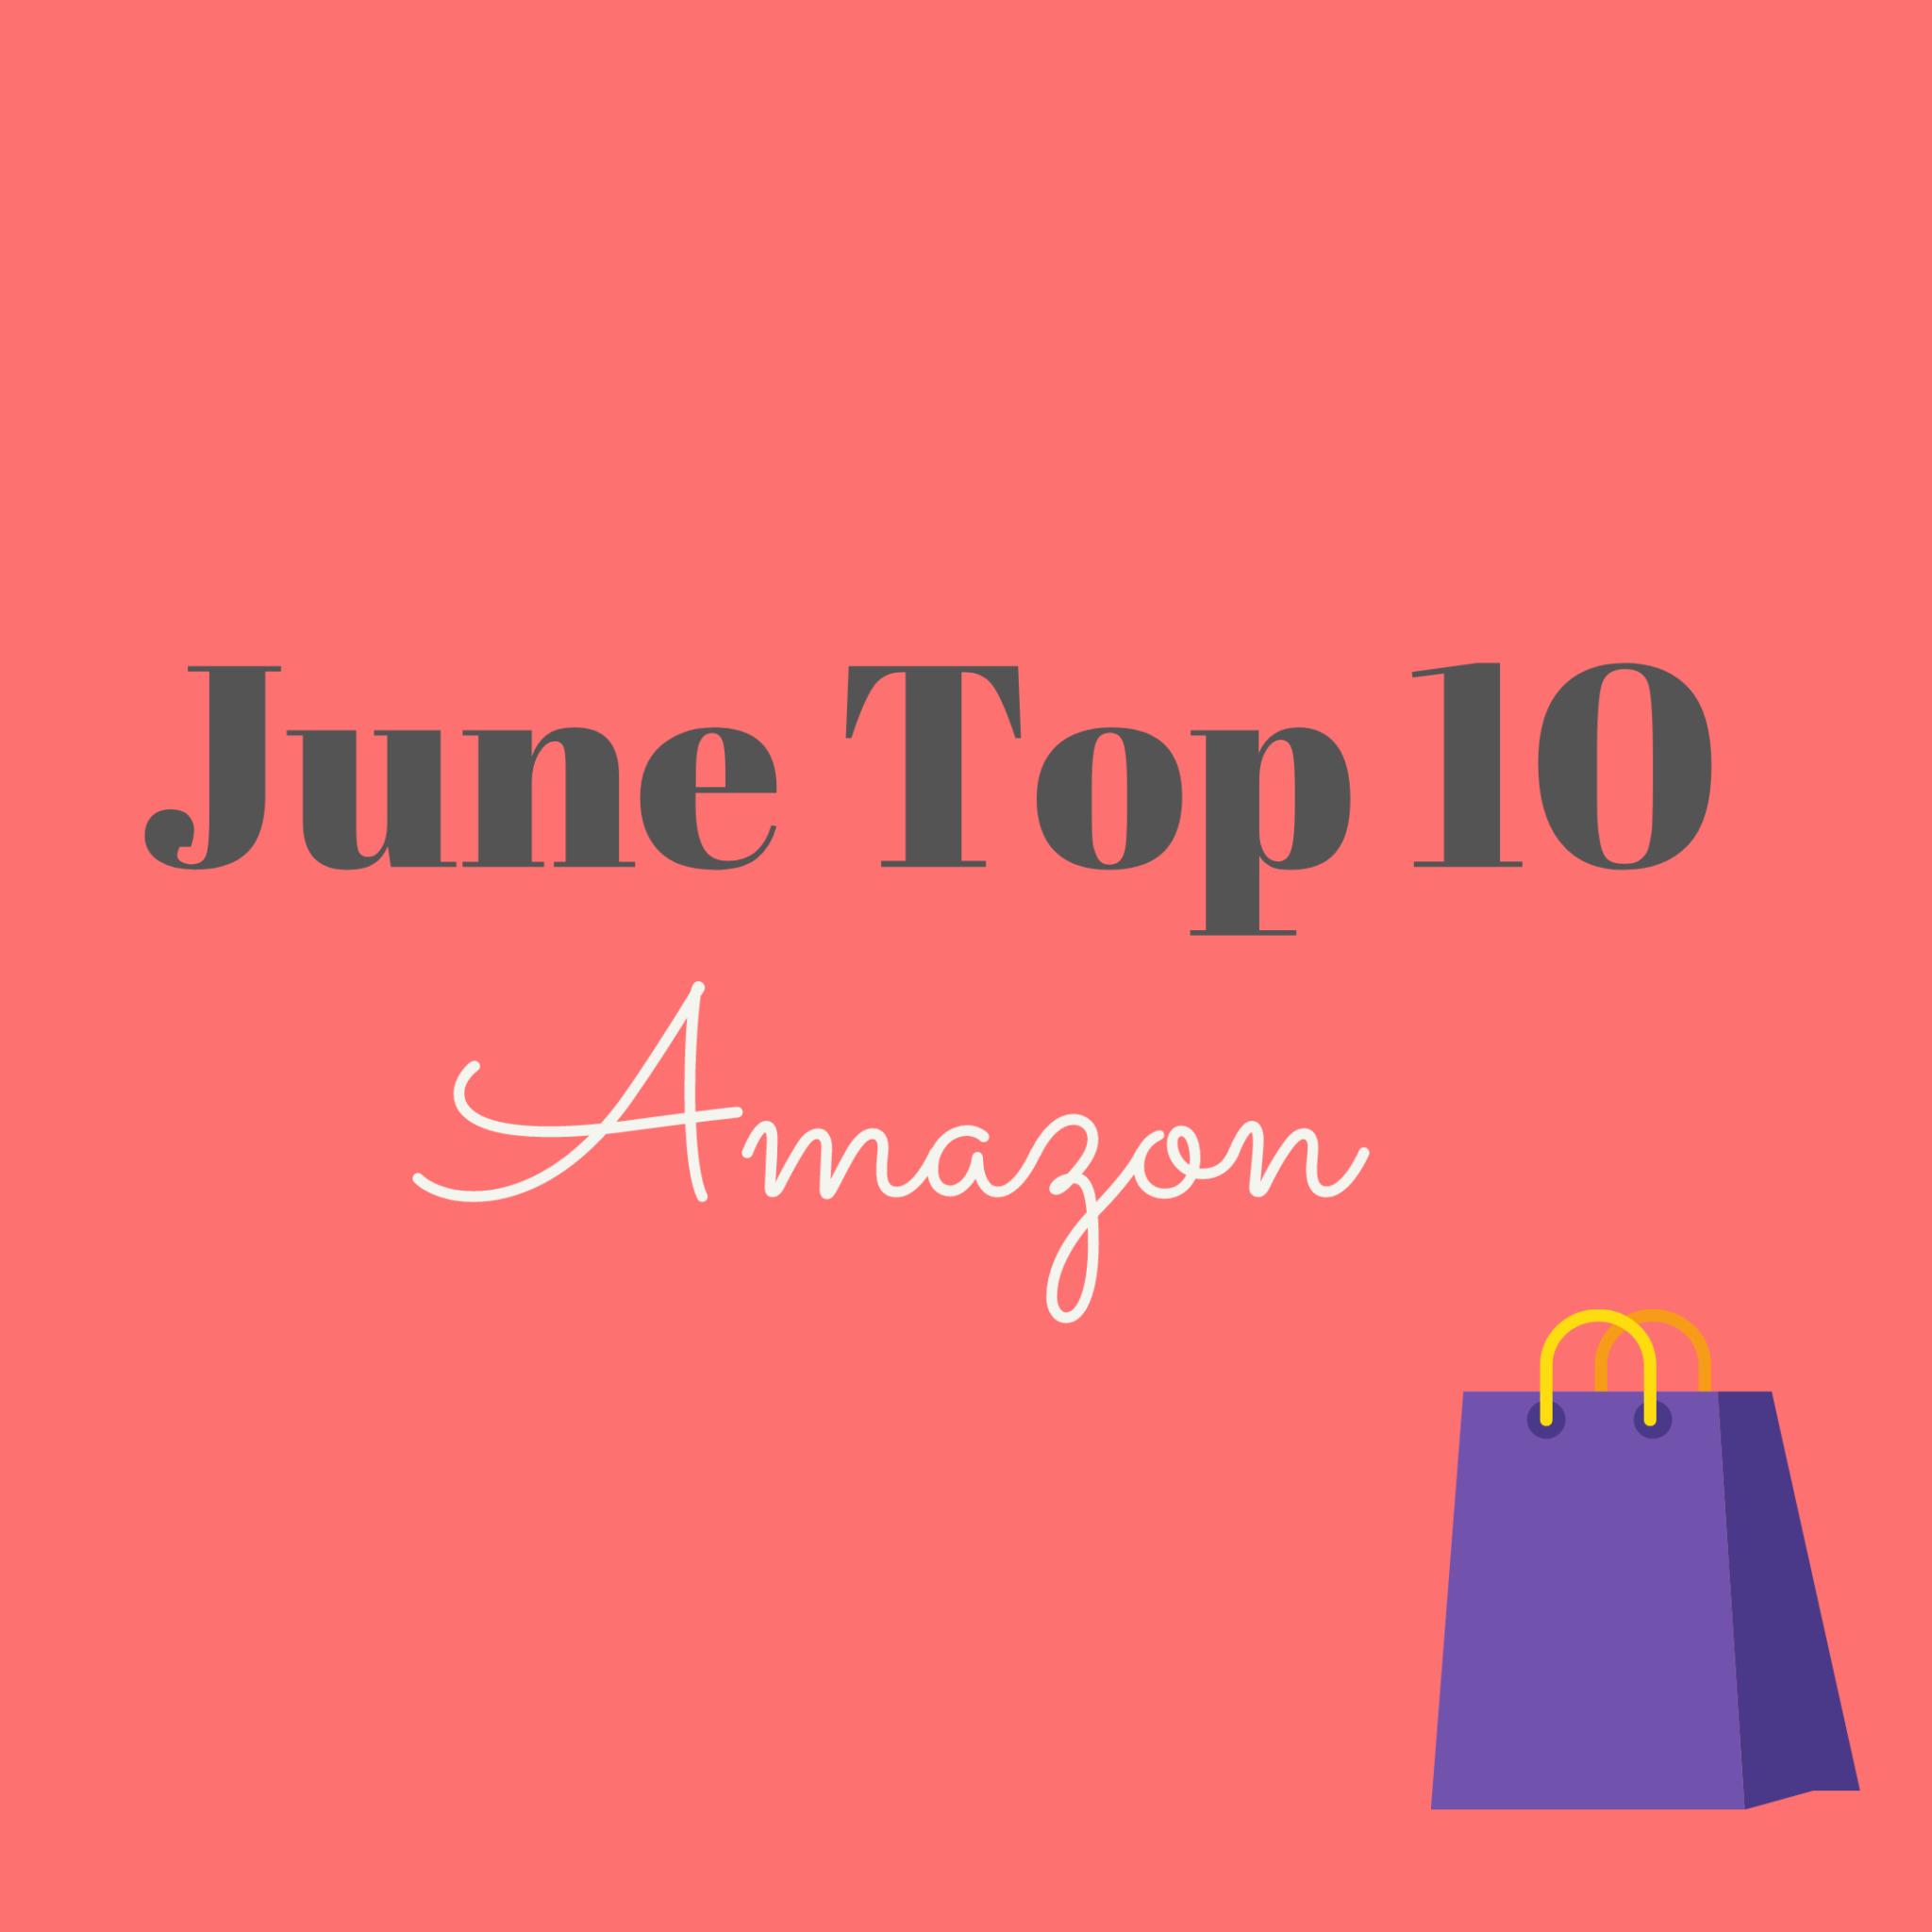 June Top 10 Sellers